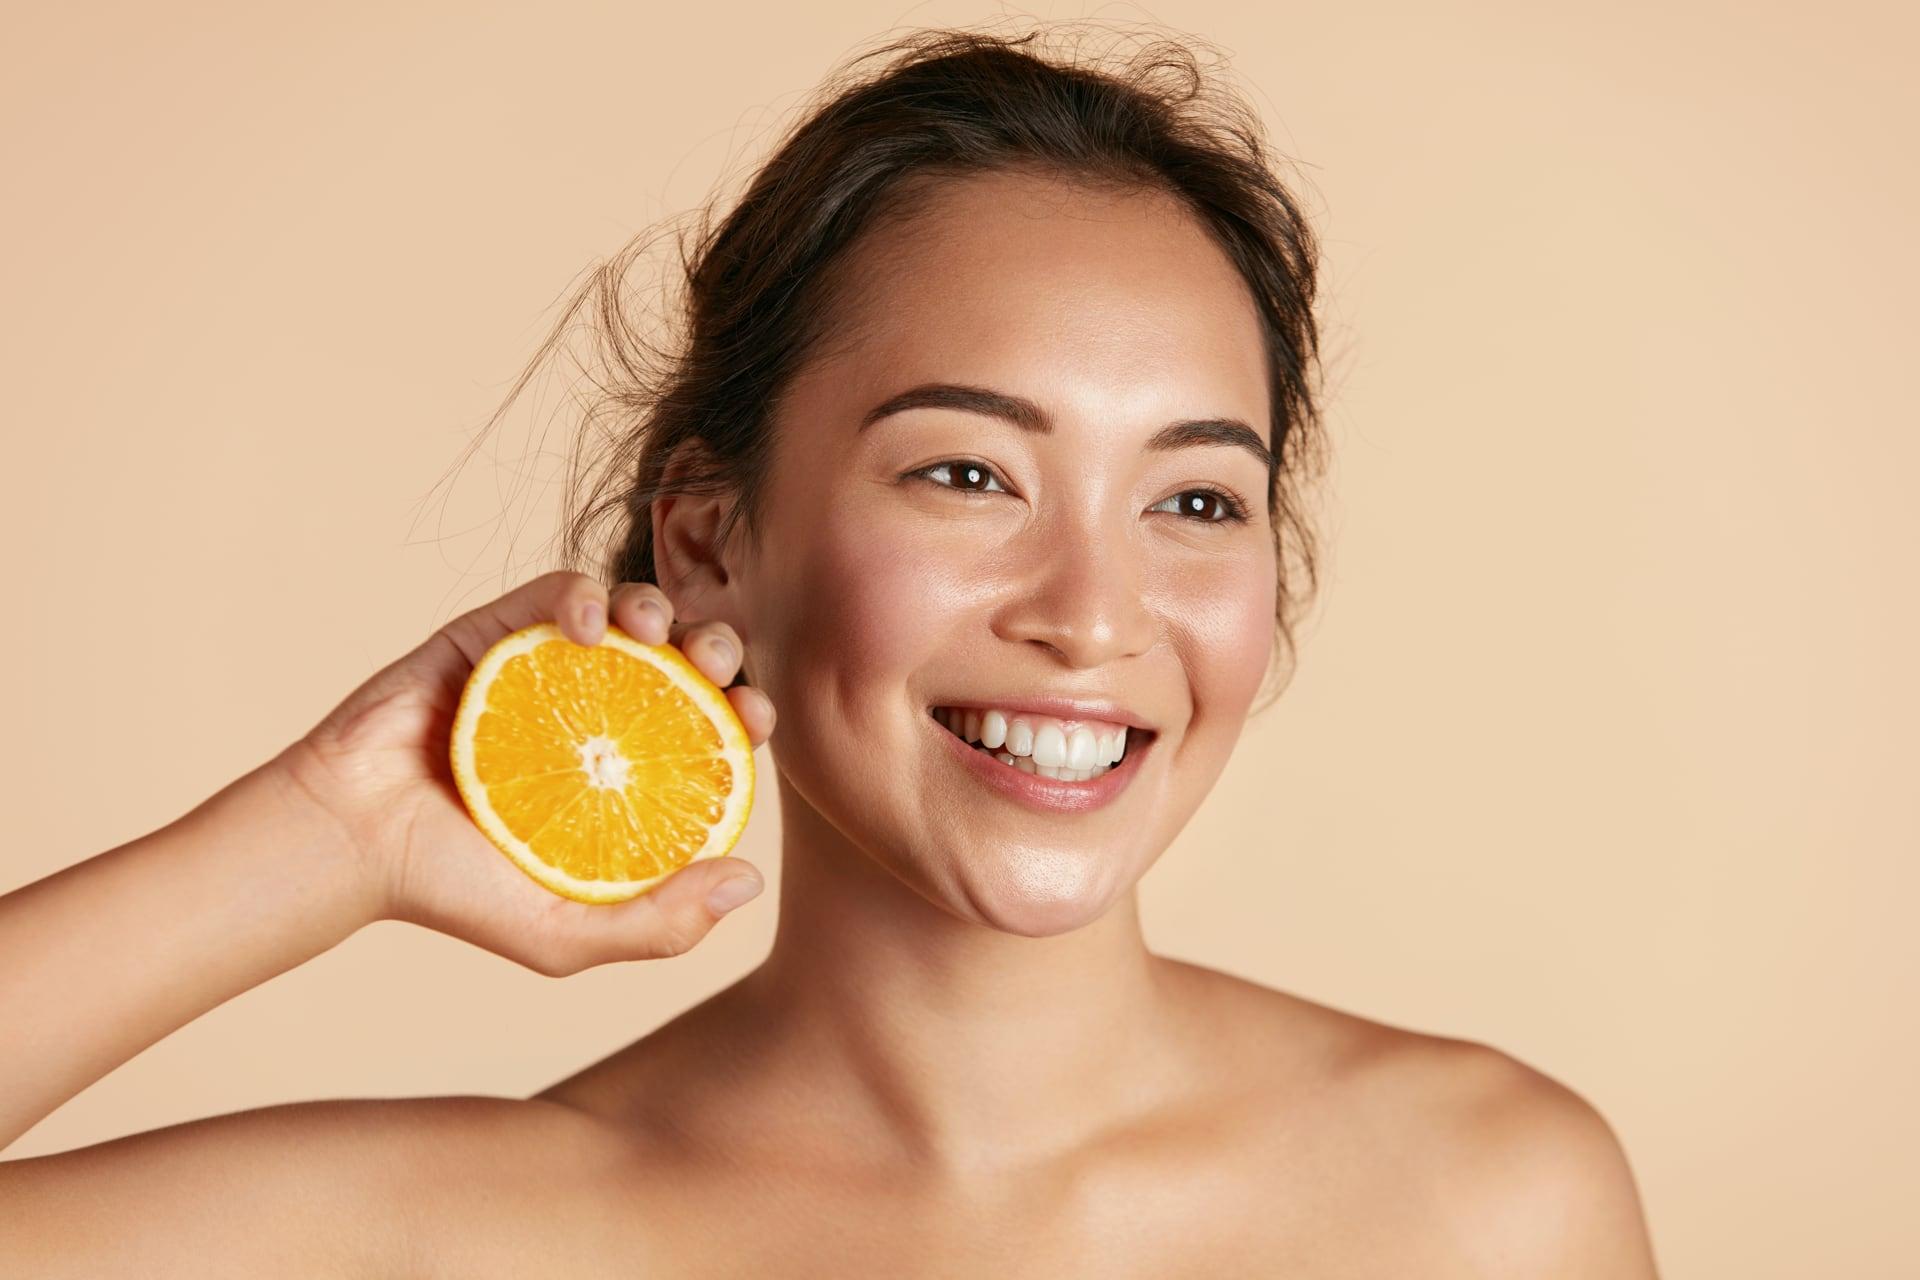 Mujer probando los beneficios de la vitamina C sobre la piel